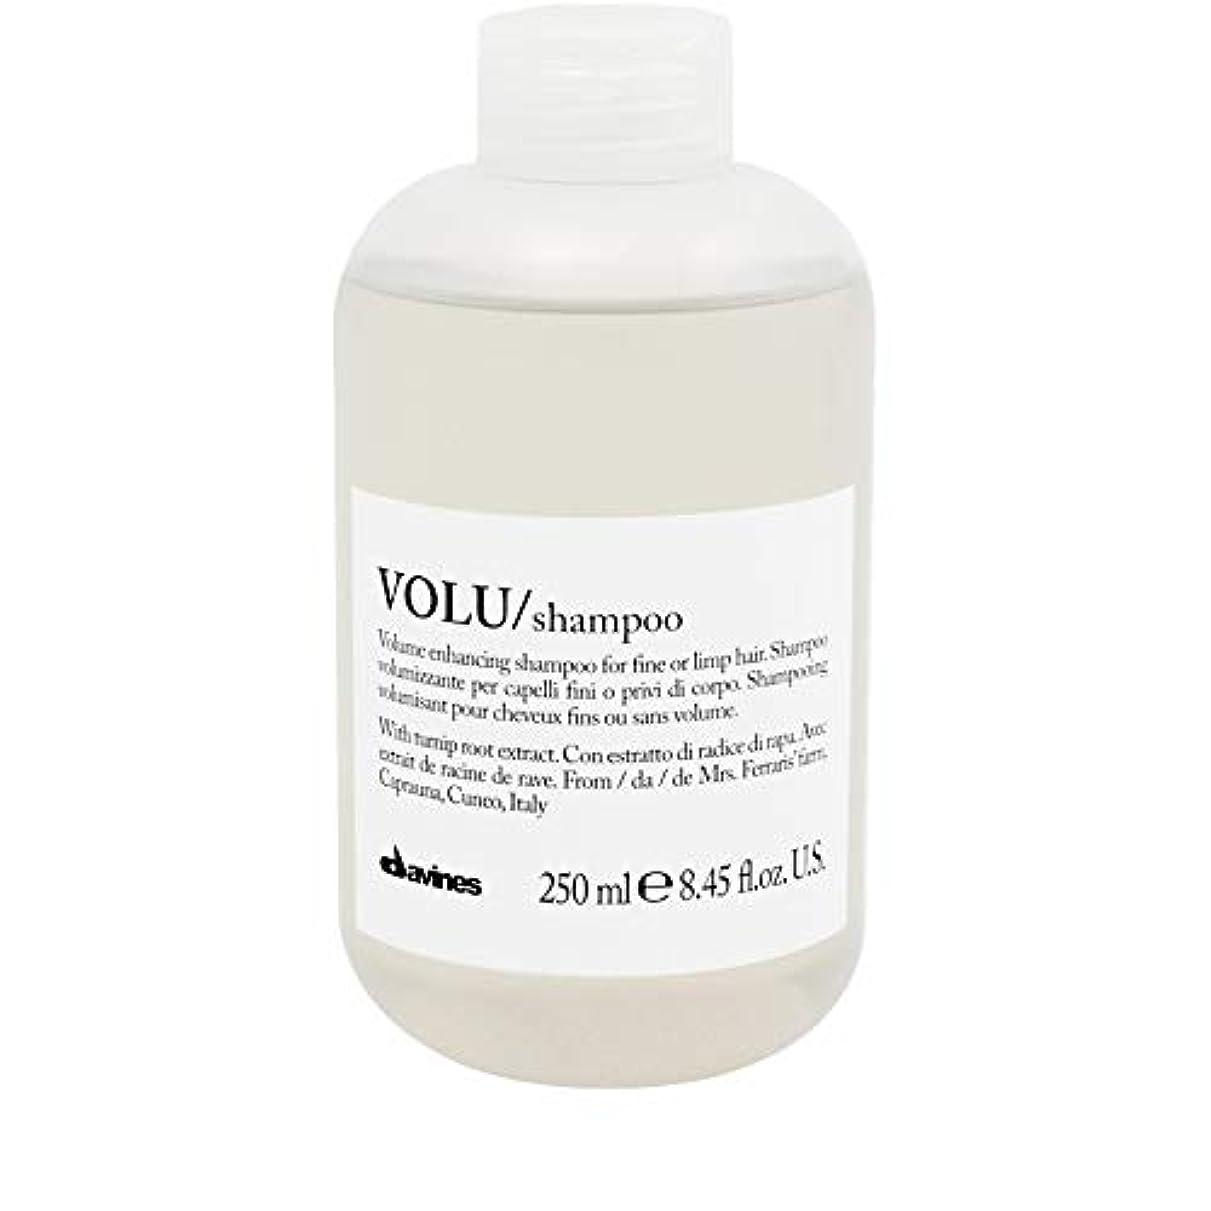 多様性候補者いくつかの[Davines ] ダヴィネスVoluシャンプー250ミリリットル - Davines Volu Shampoo 250ml [並行輸入品]